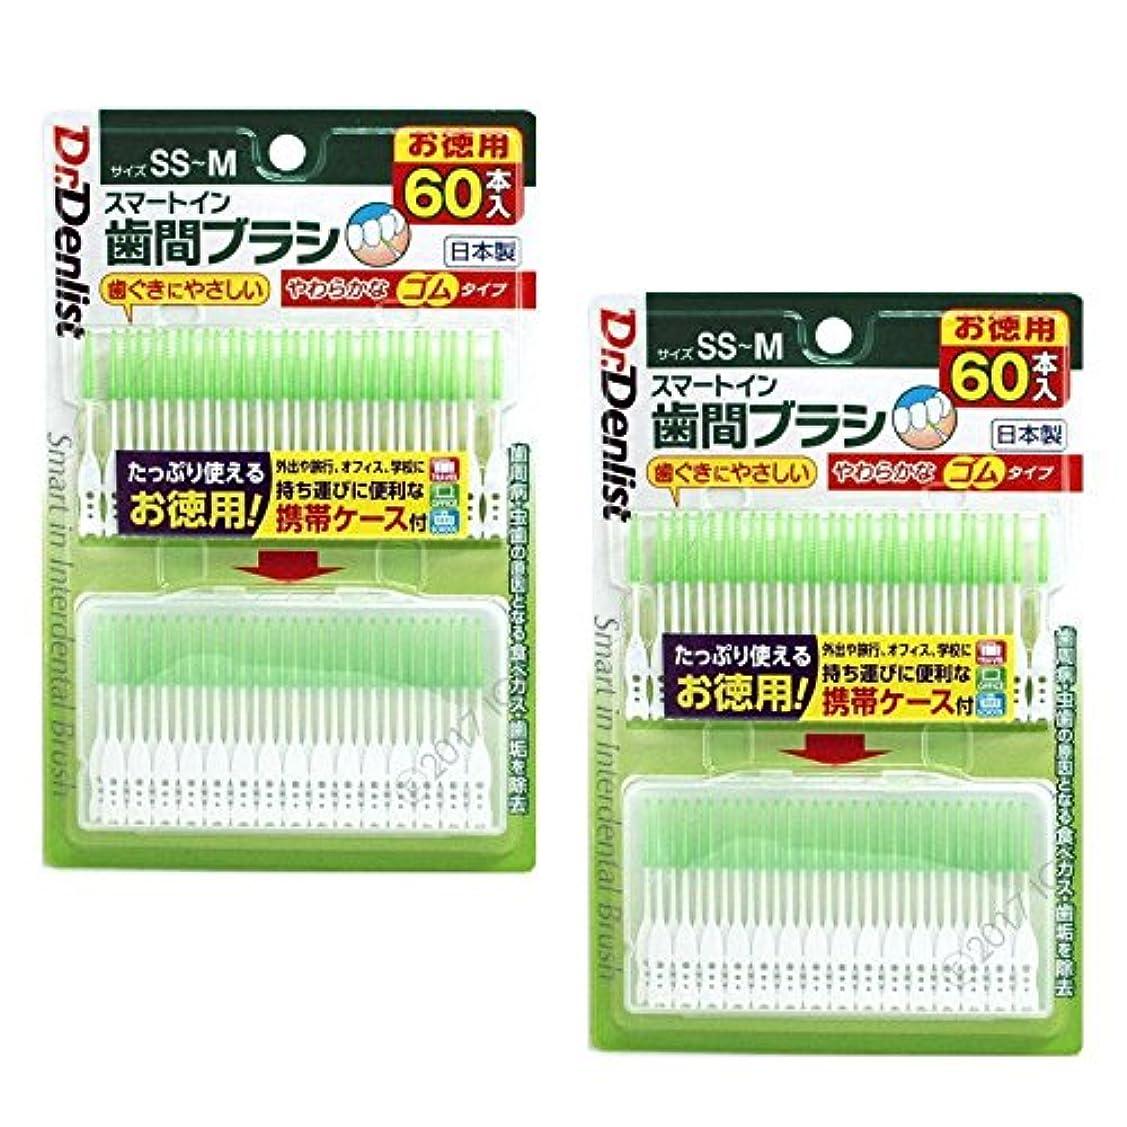 優勢巻き戻す試みる歯間ブラシ スマートイン 60本×2個(計120本) お徳用 やわらかなゴムタイプ